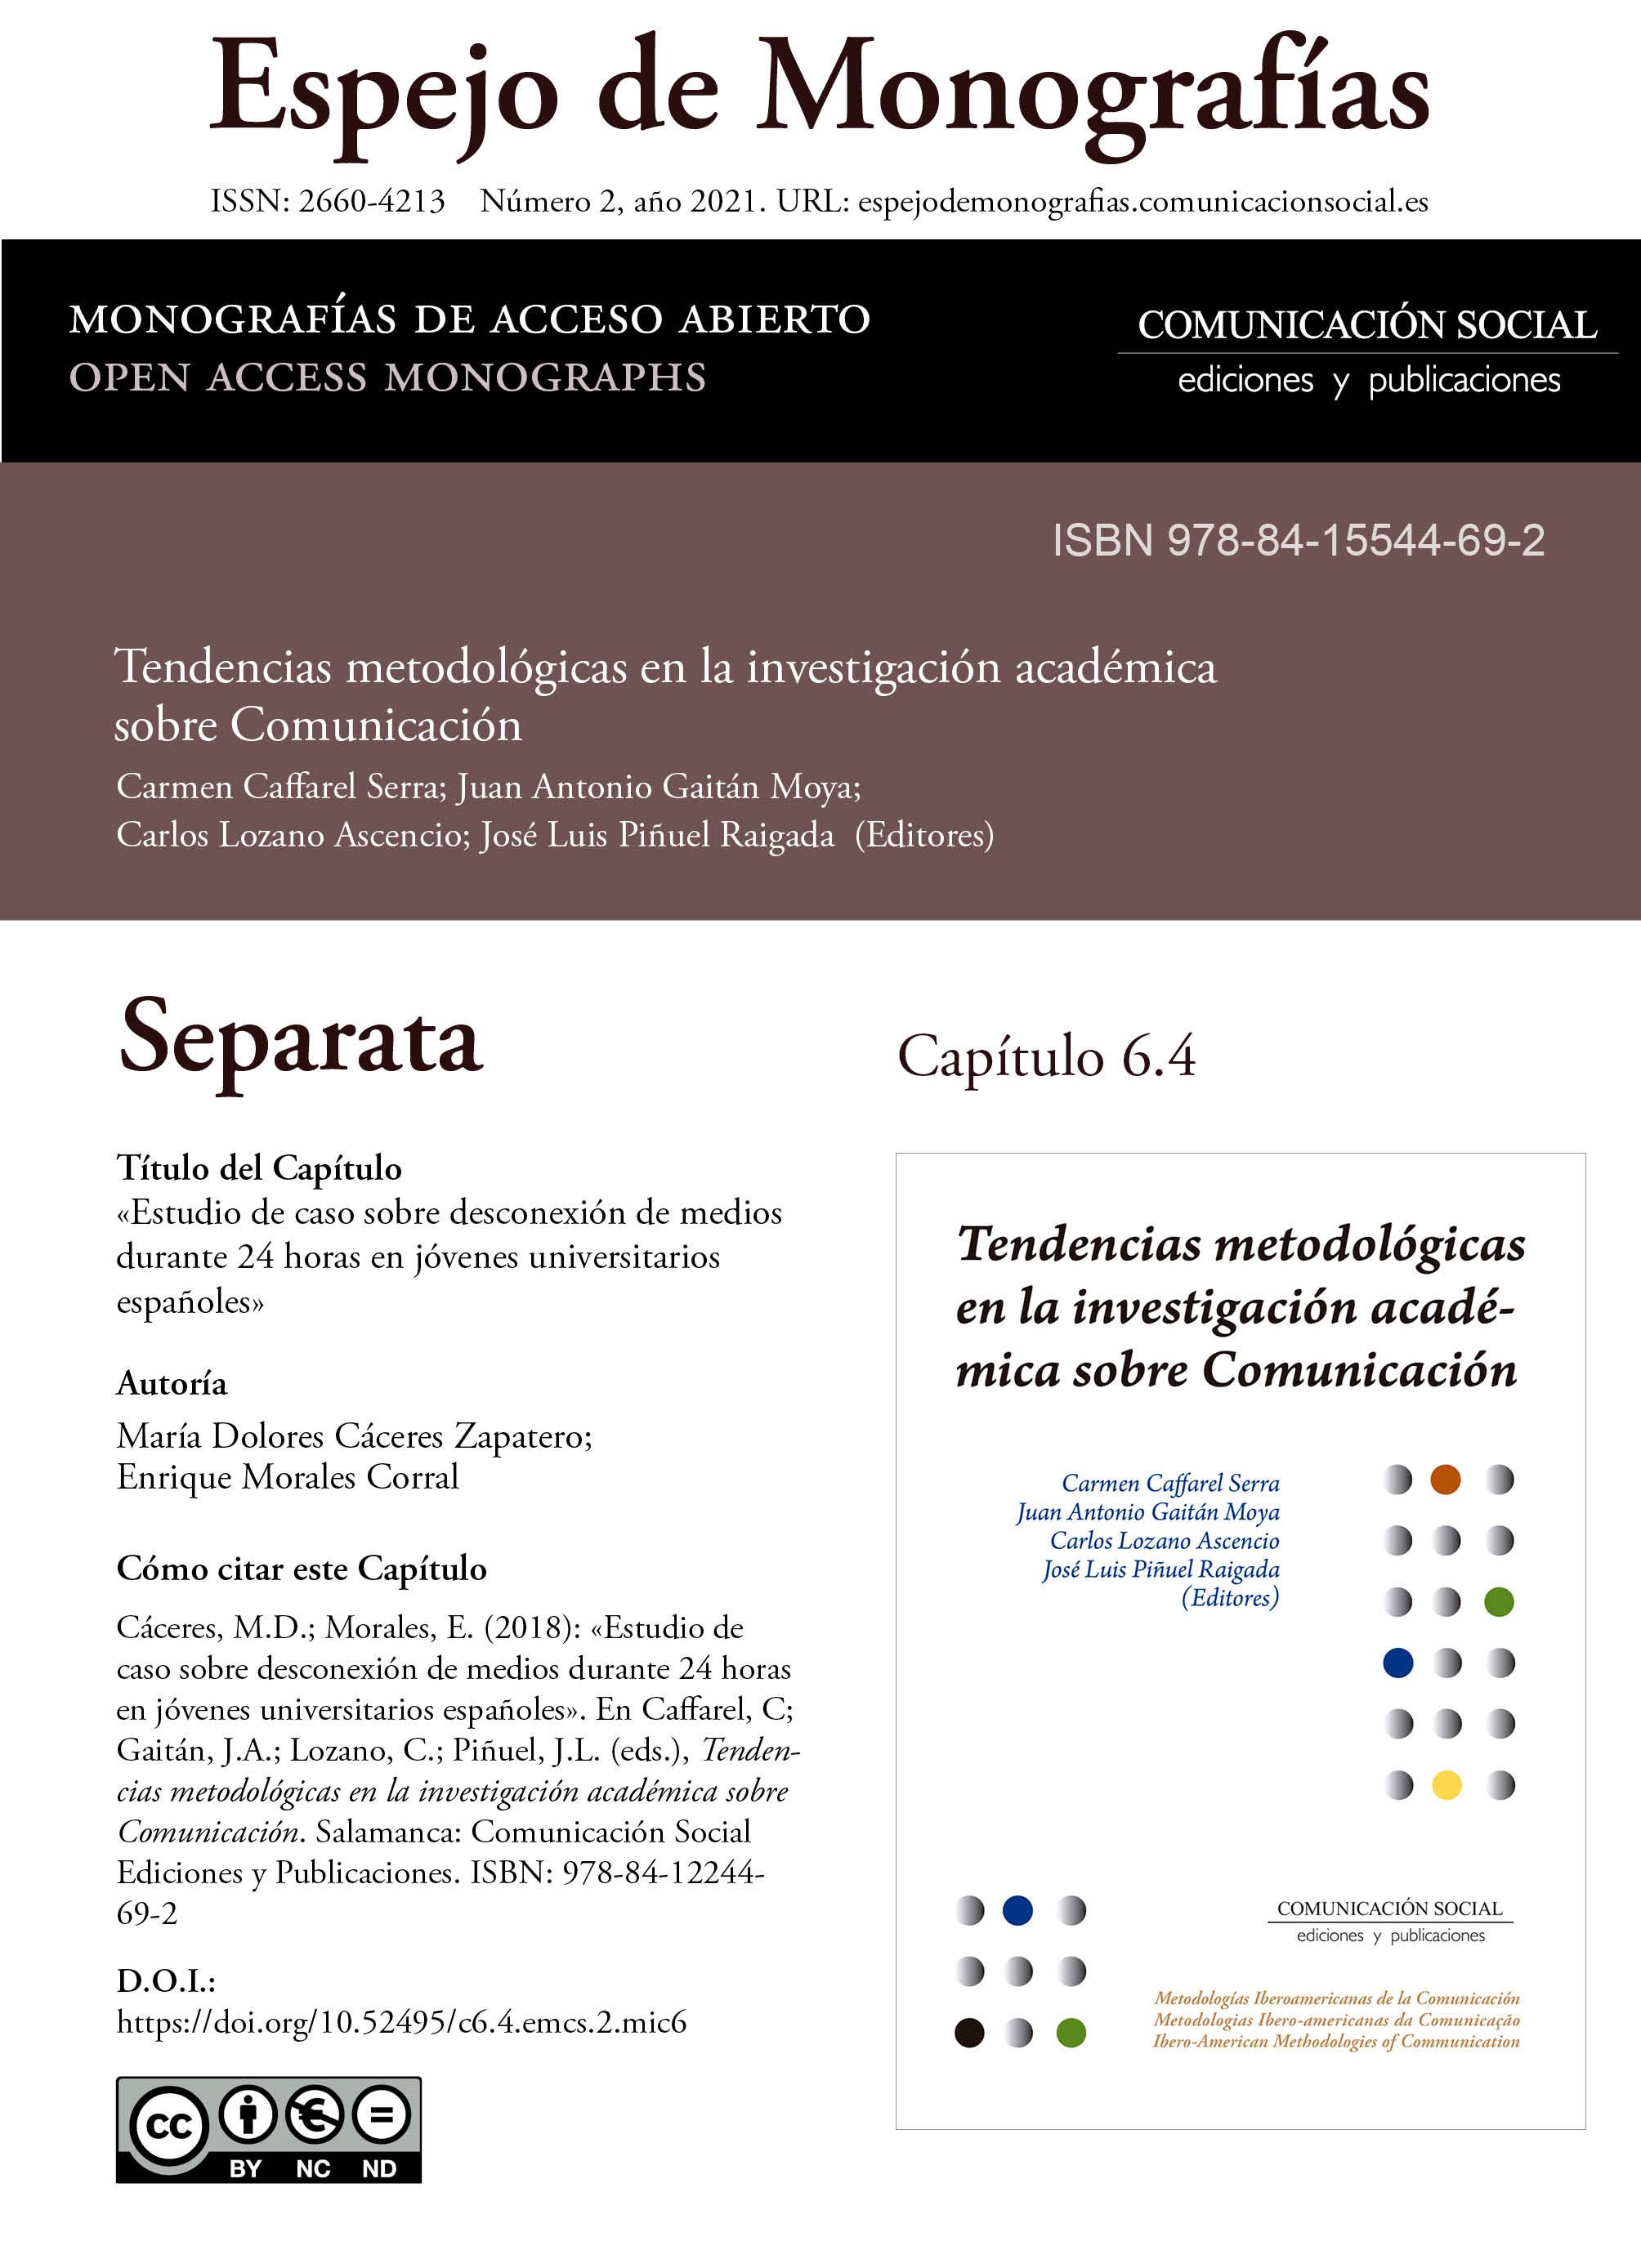 Separata del Capítulo 6.4 correspondiente a la monografía Tendencias metodológicas en la investigación académica en Comunicación